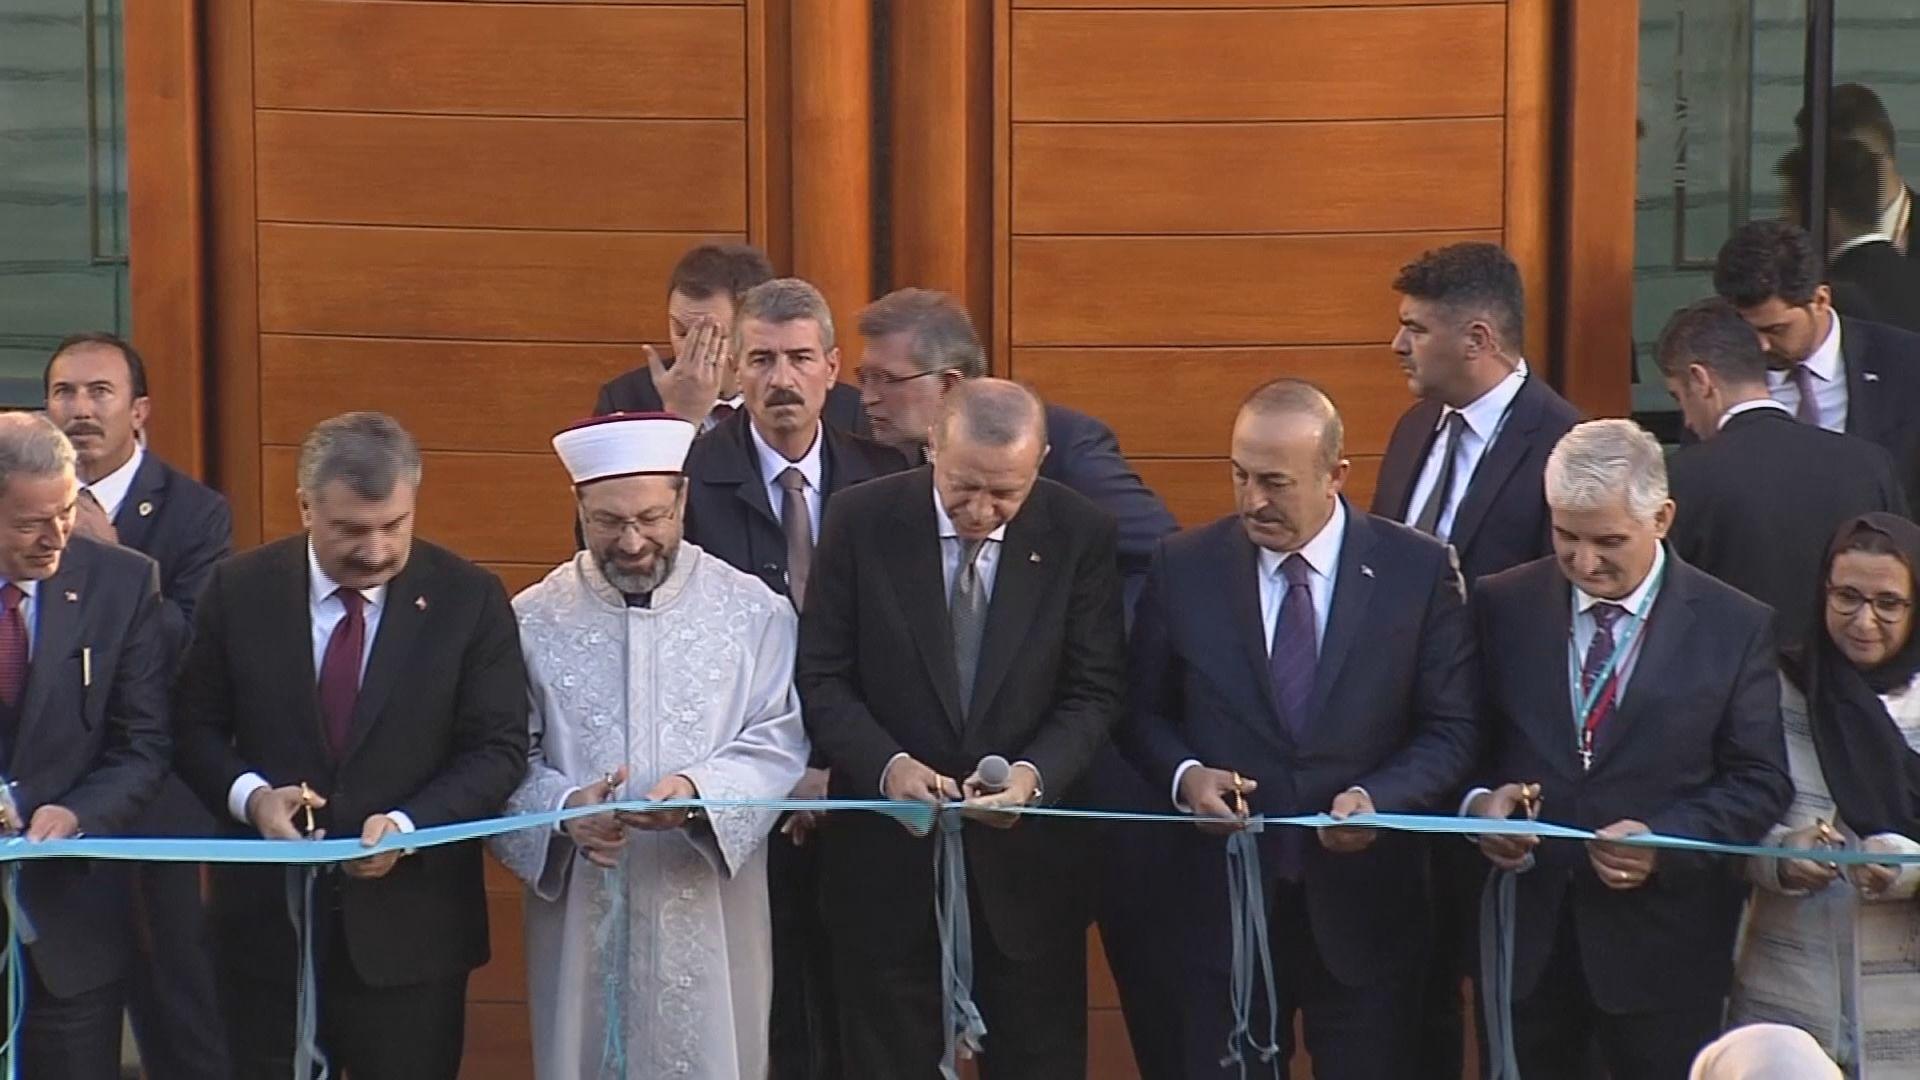 埃爾多安轉抵德國科隆主持清真寺開幕